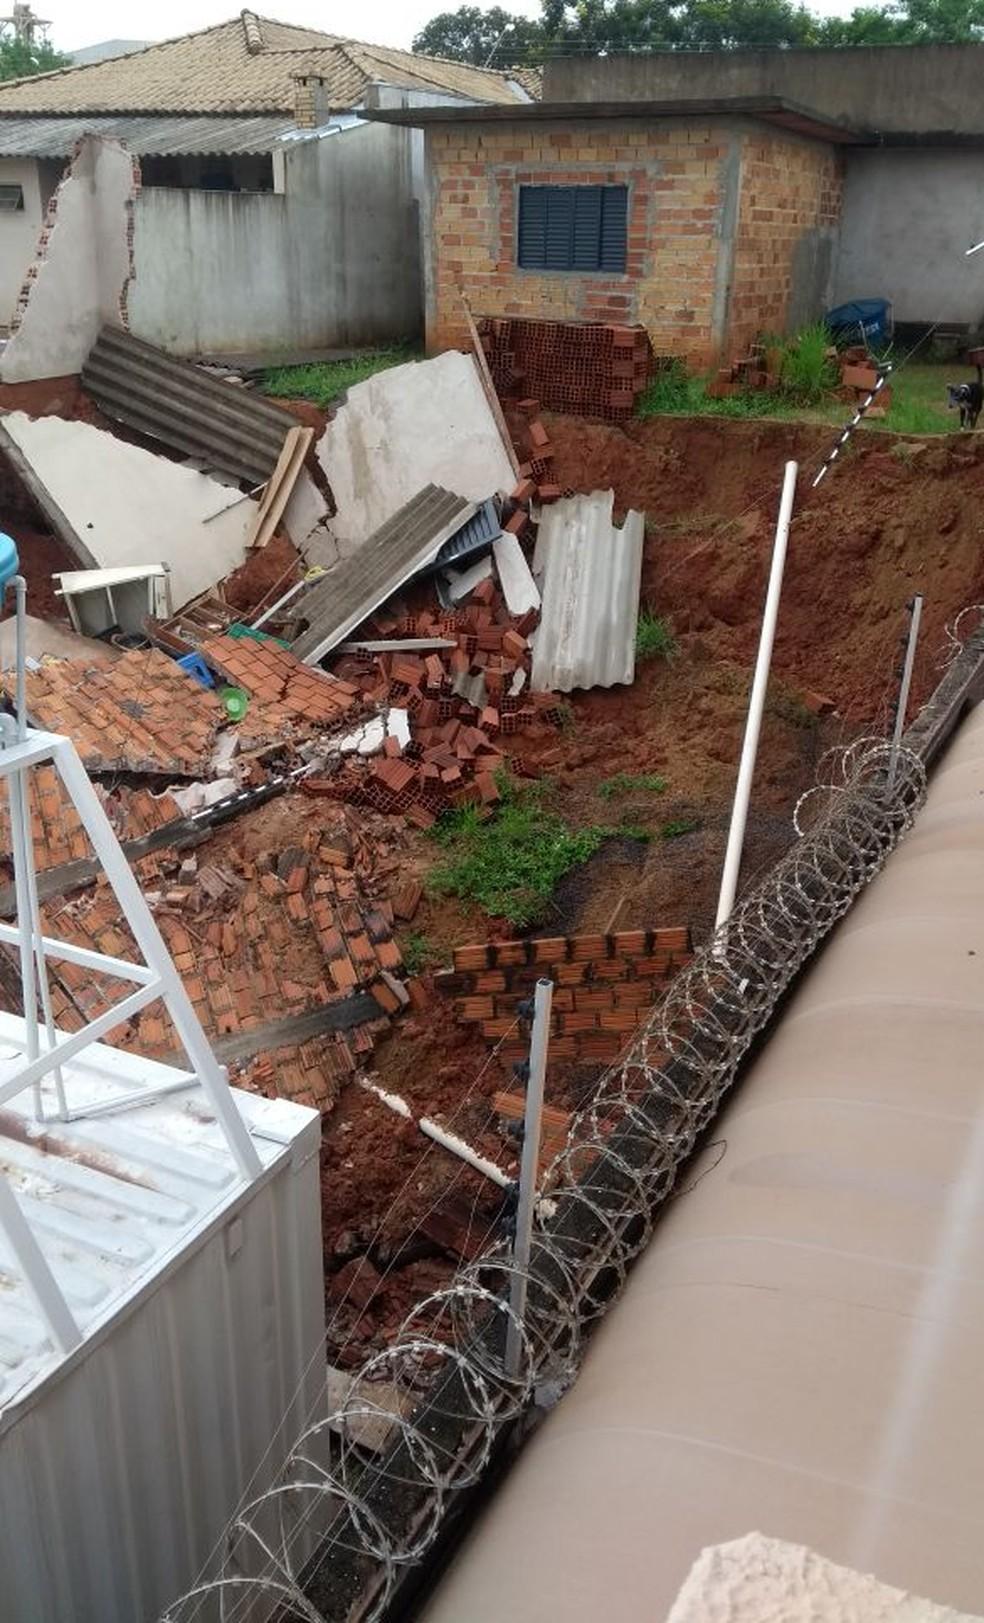 Cômodo de residência desabou no Parque dos Girassóis, em Presidente Prudente (Foto: Aline Michaelle Quatrochi Santos Matos Souza/Cedida)